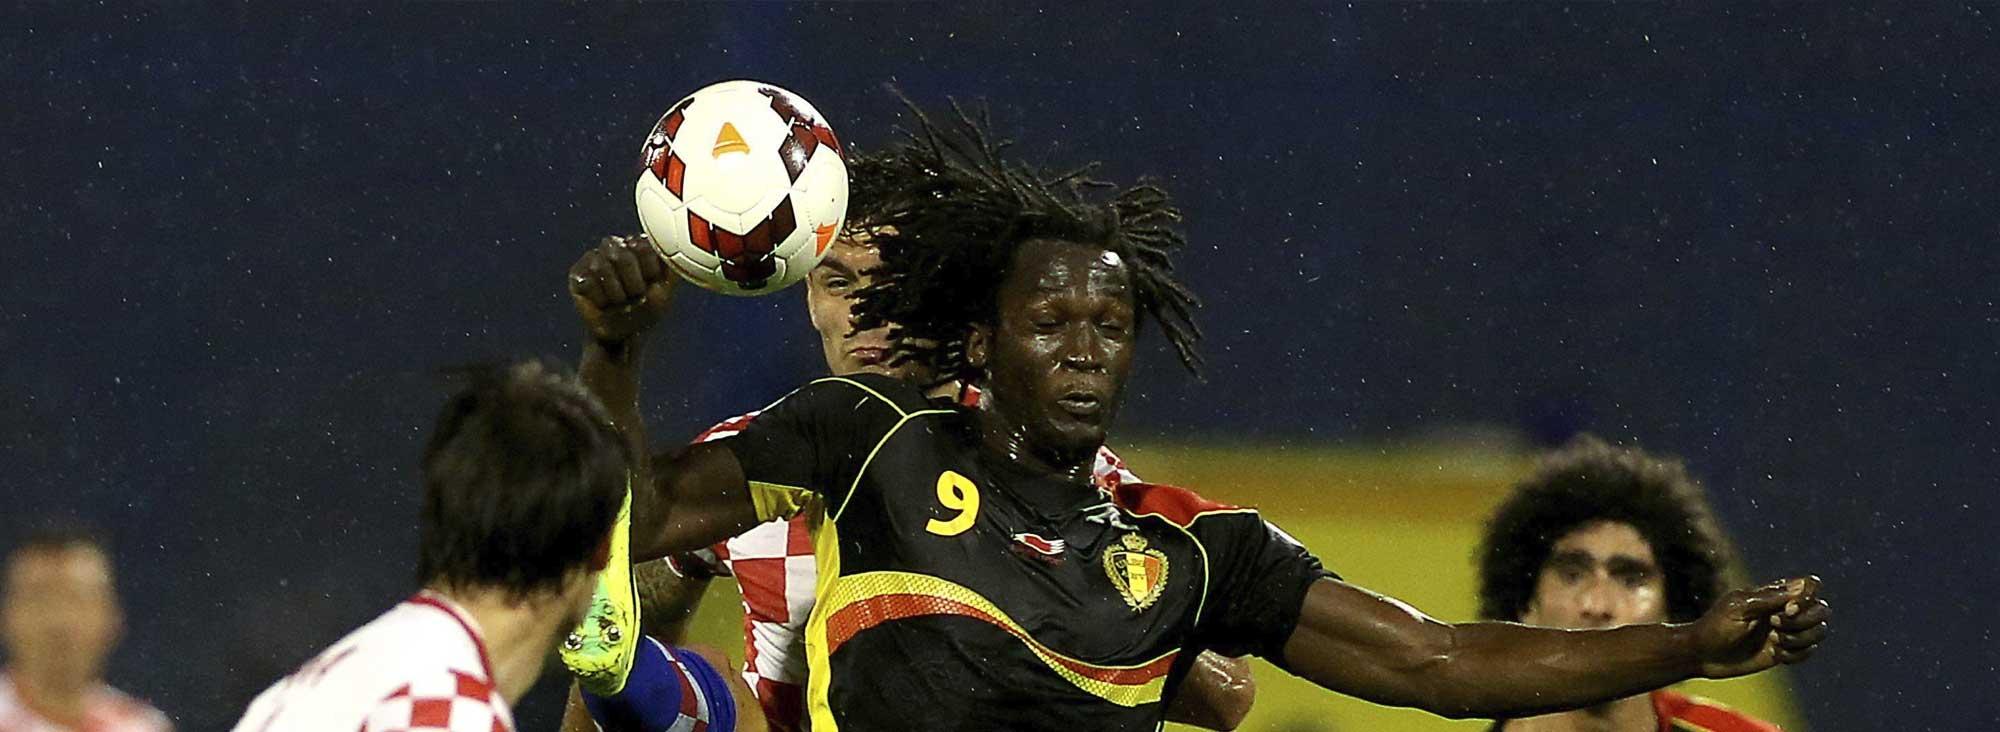 Dos de los 'nuevos' jugadores de Bélgica: Romelu Lukaku (de origen congoleño) y Marouane Fellaini (ancestros marroquíes).